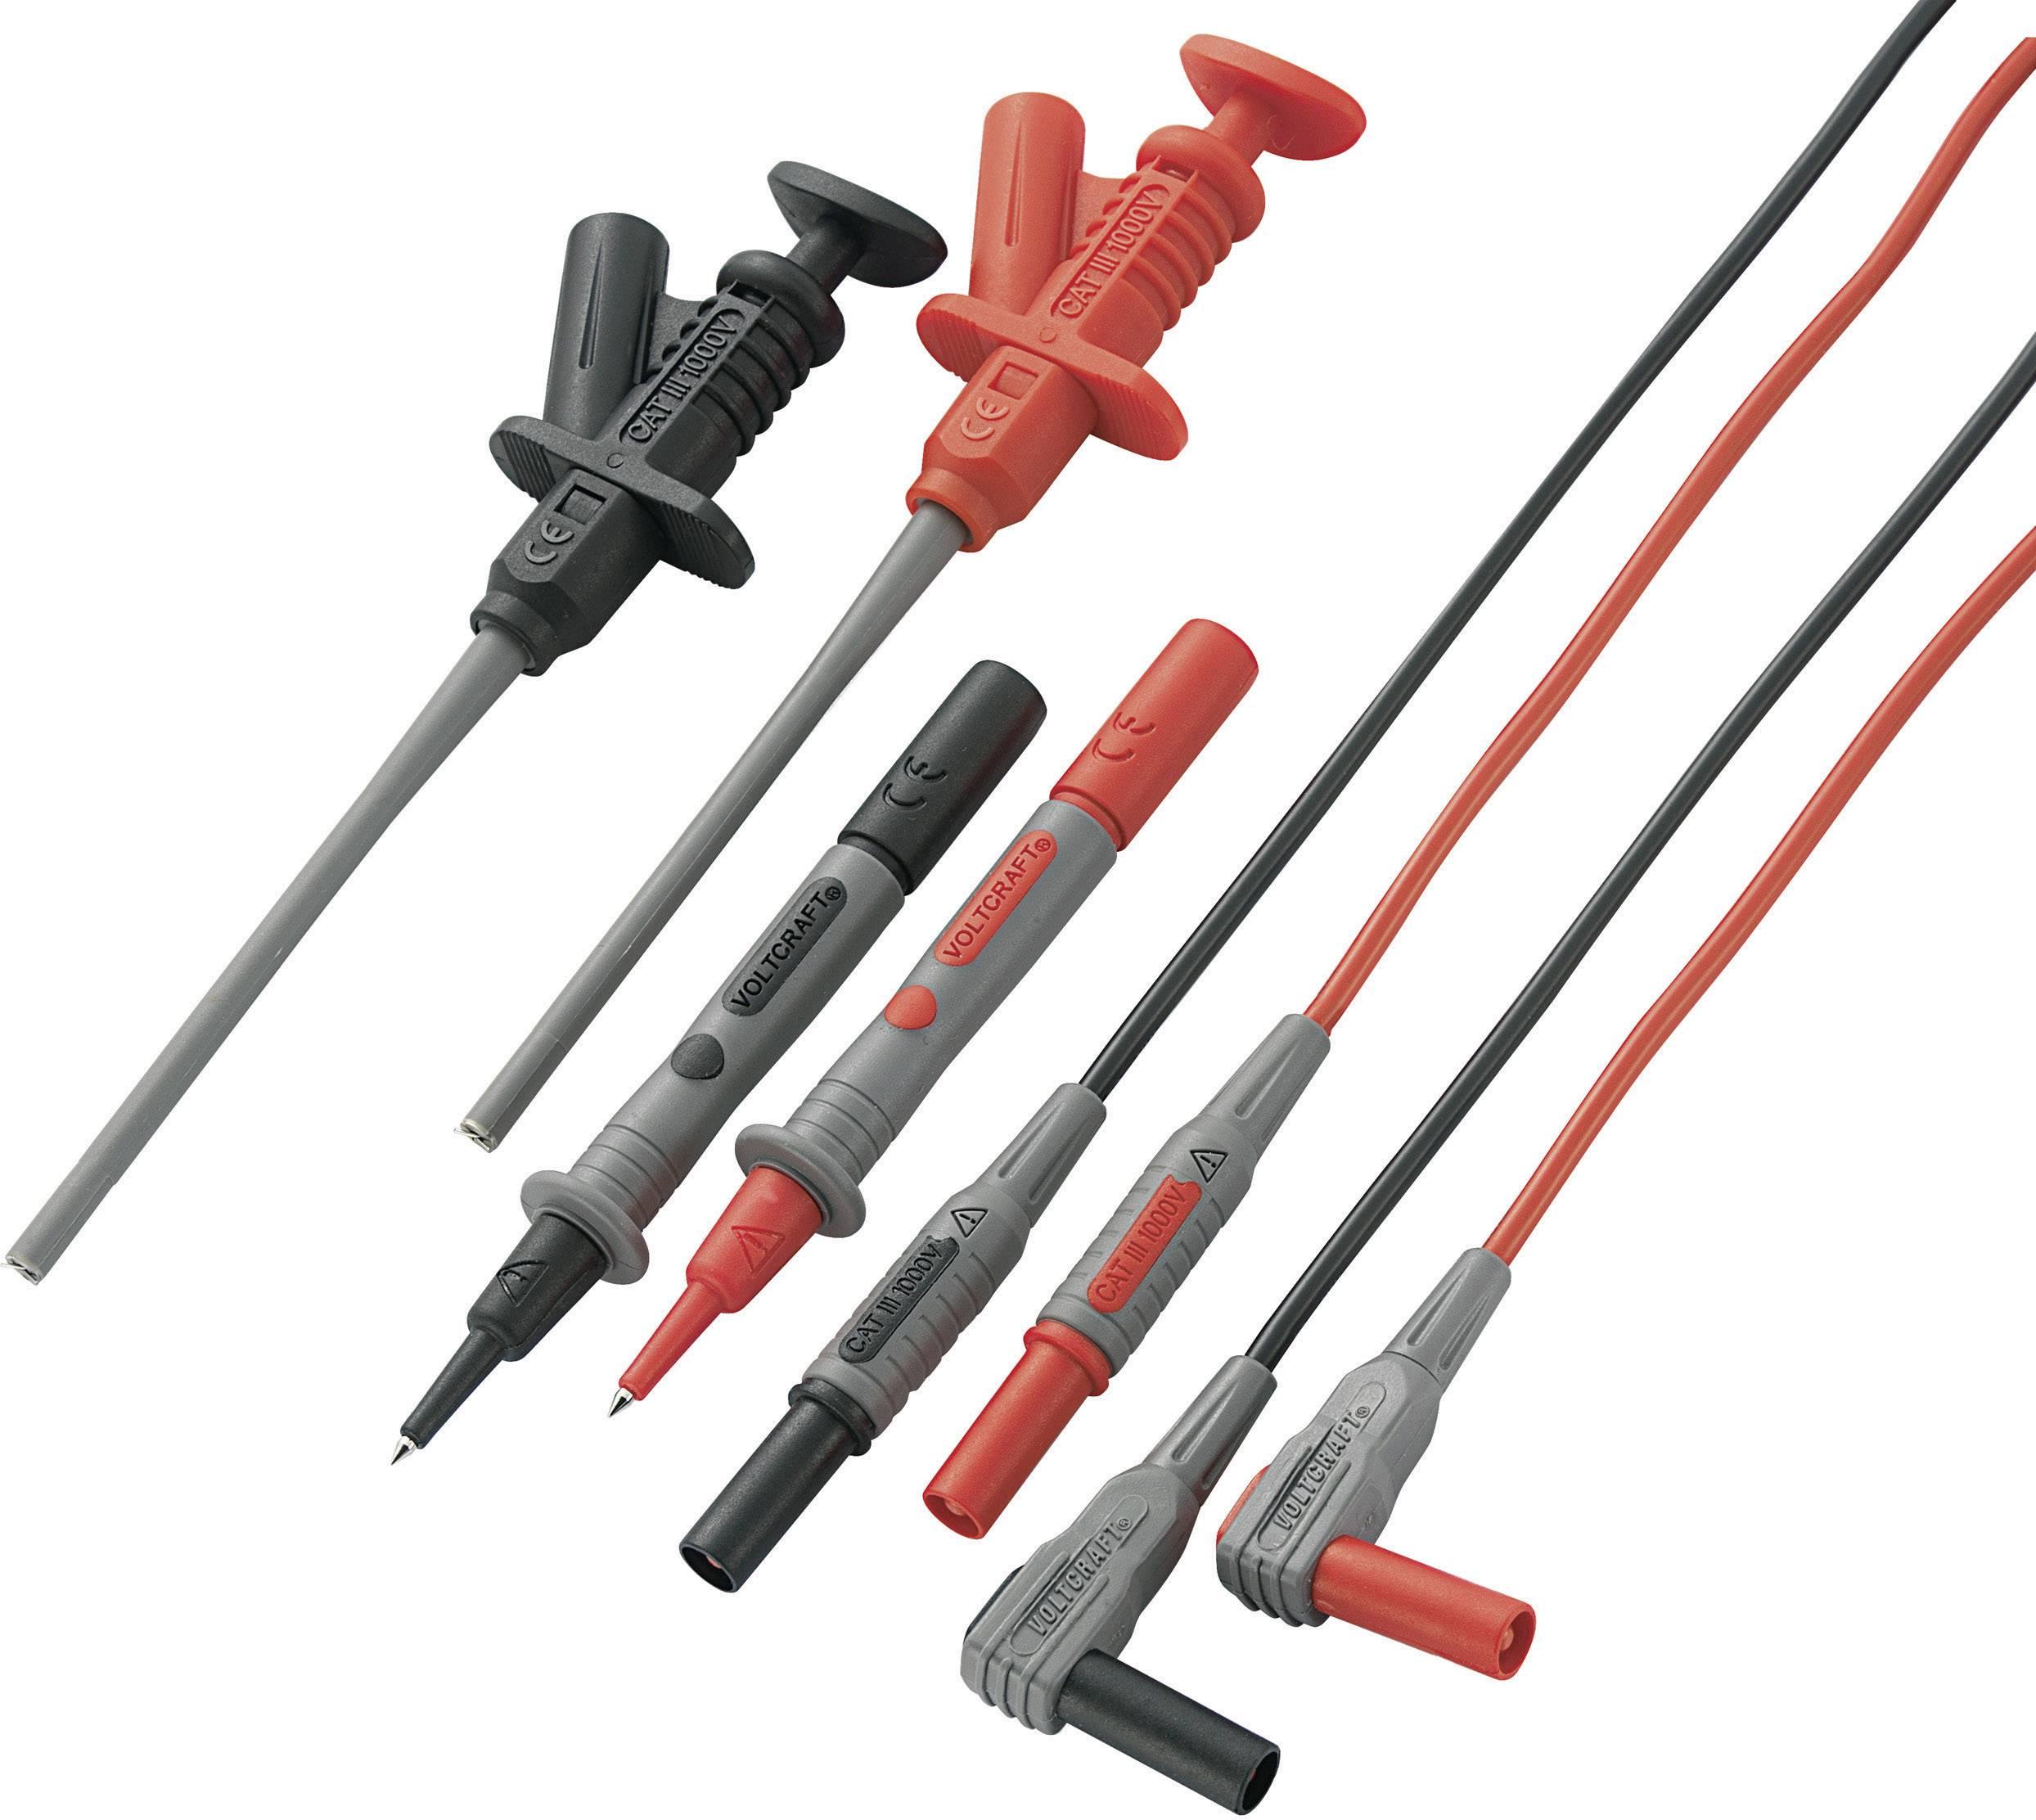 Sada měřicích kabelů Voltcraft MS-6, banánek 4 mm ⇔ banánek 4 mm, černá/červená, 1,2 m